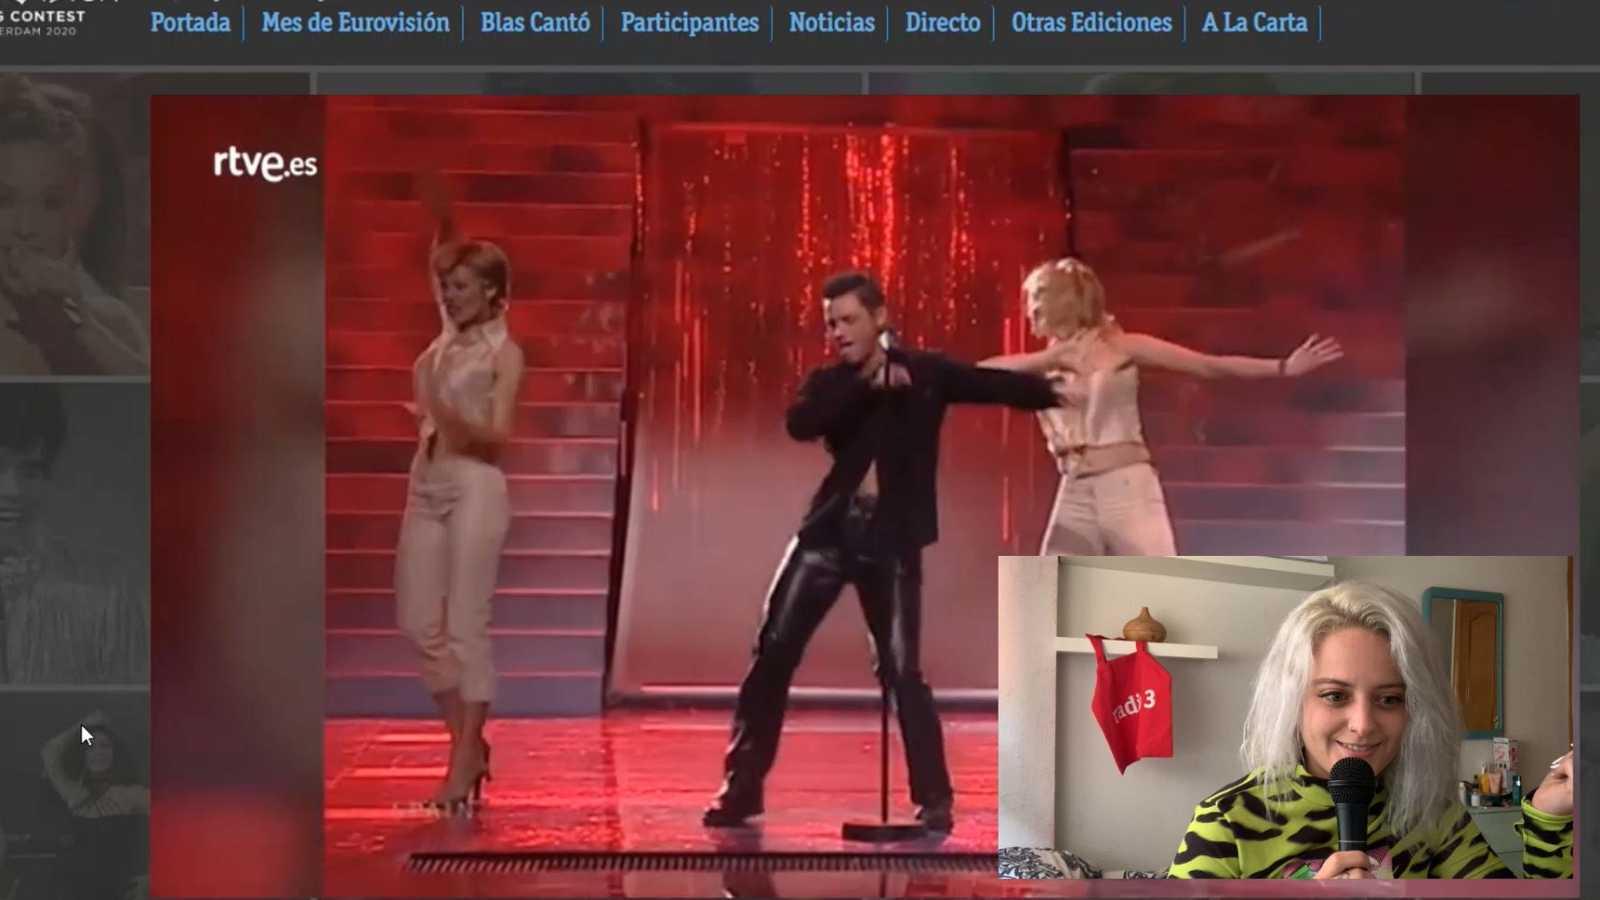 Fantasía del 2000 - La fantasía de Eurovisión - 16/05/20 - ver ahora